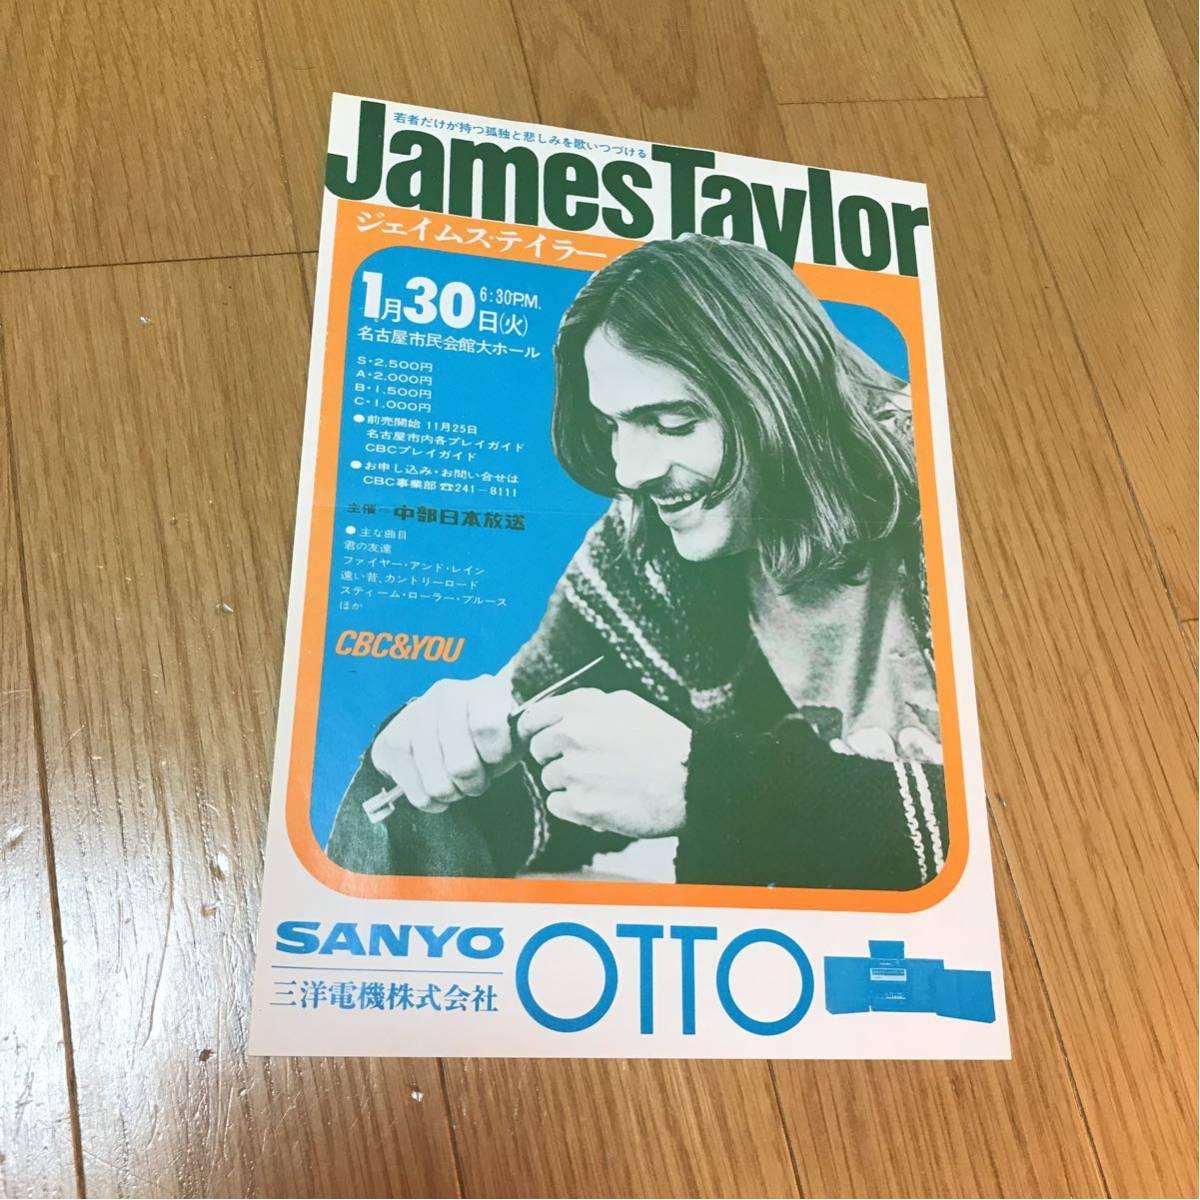 ジェームス テイラー 来日チラシ 名古屋市民会館 2つ折りたたみ